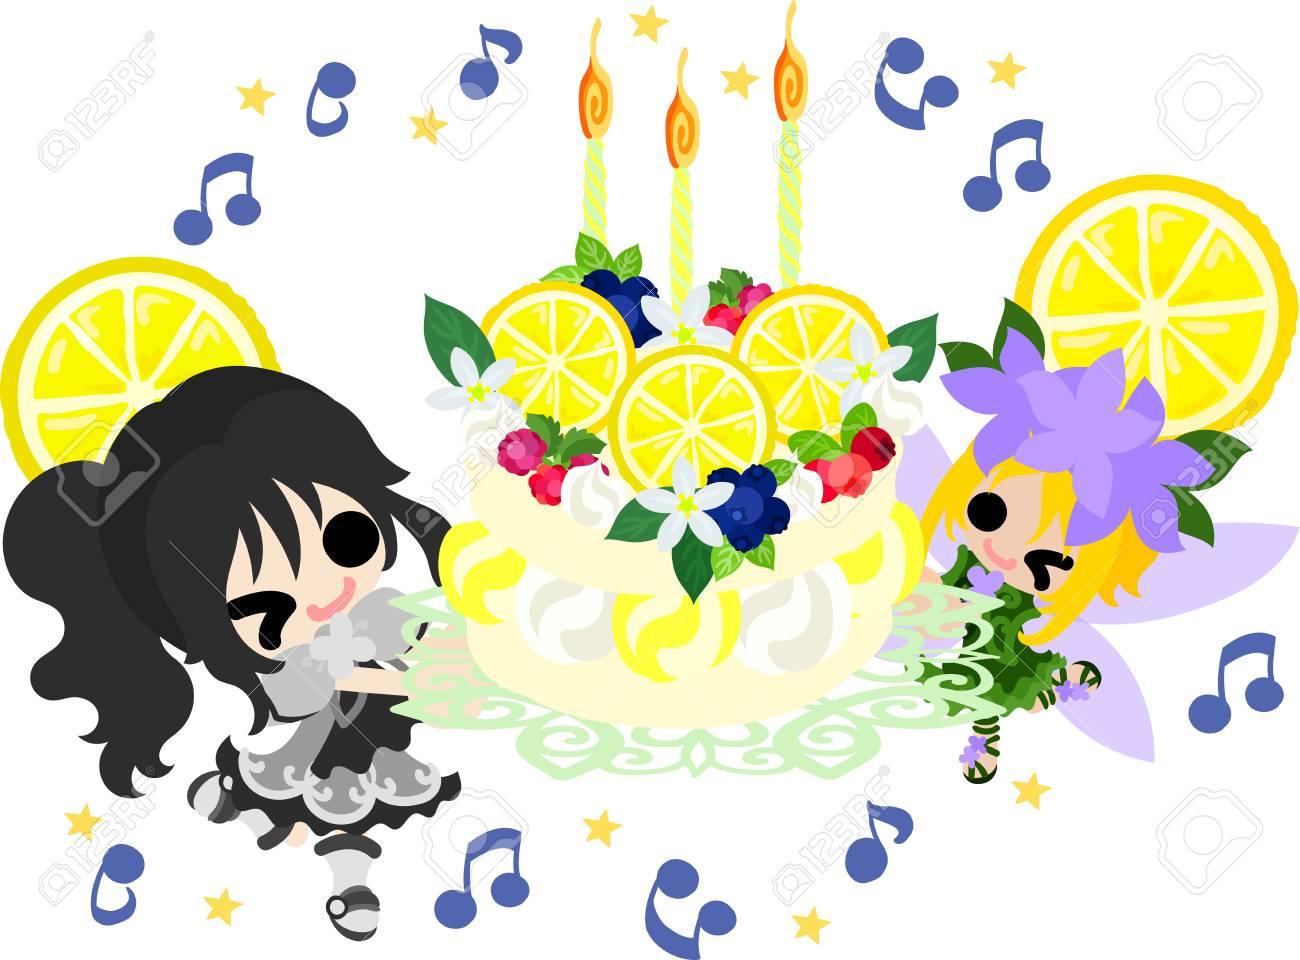 かわいい女の子とかわいい妖精とレモンの誕生日ケーキのイラストの